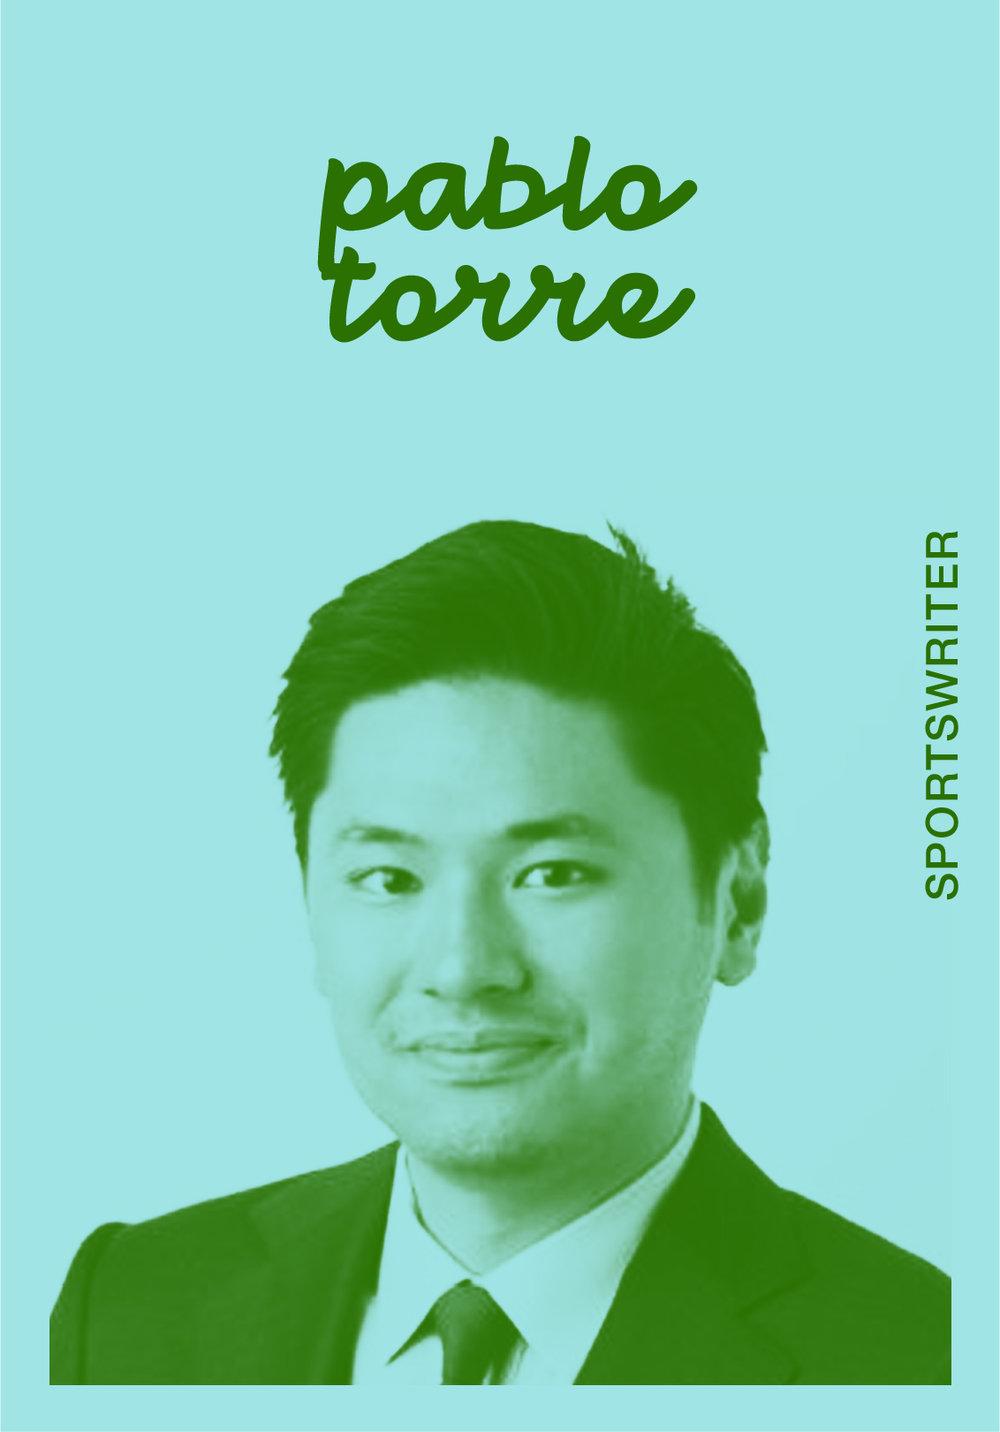 PABLO TORRE   @PABLOTORRE   IG: PSTORRE